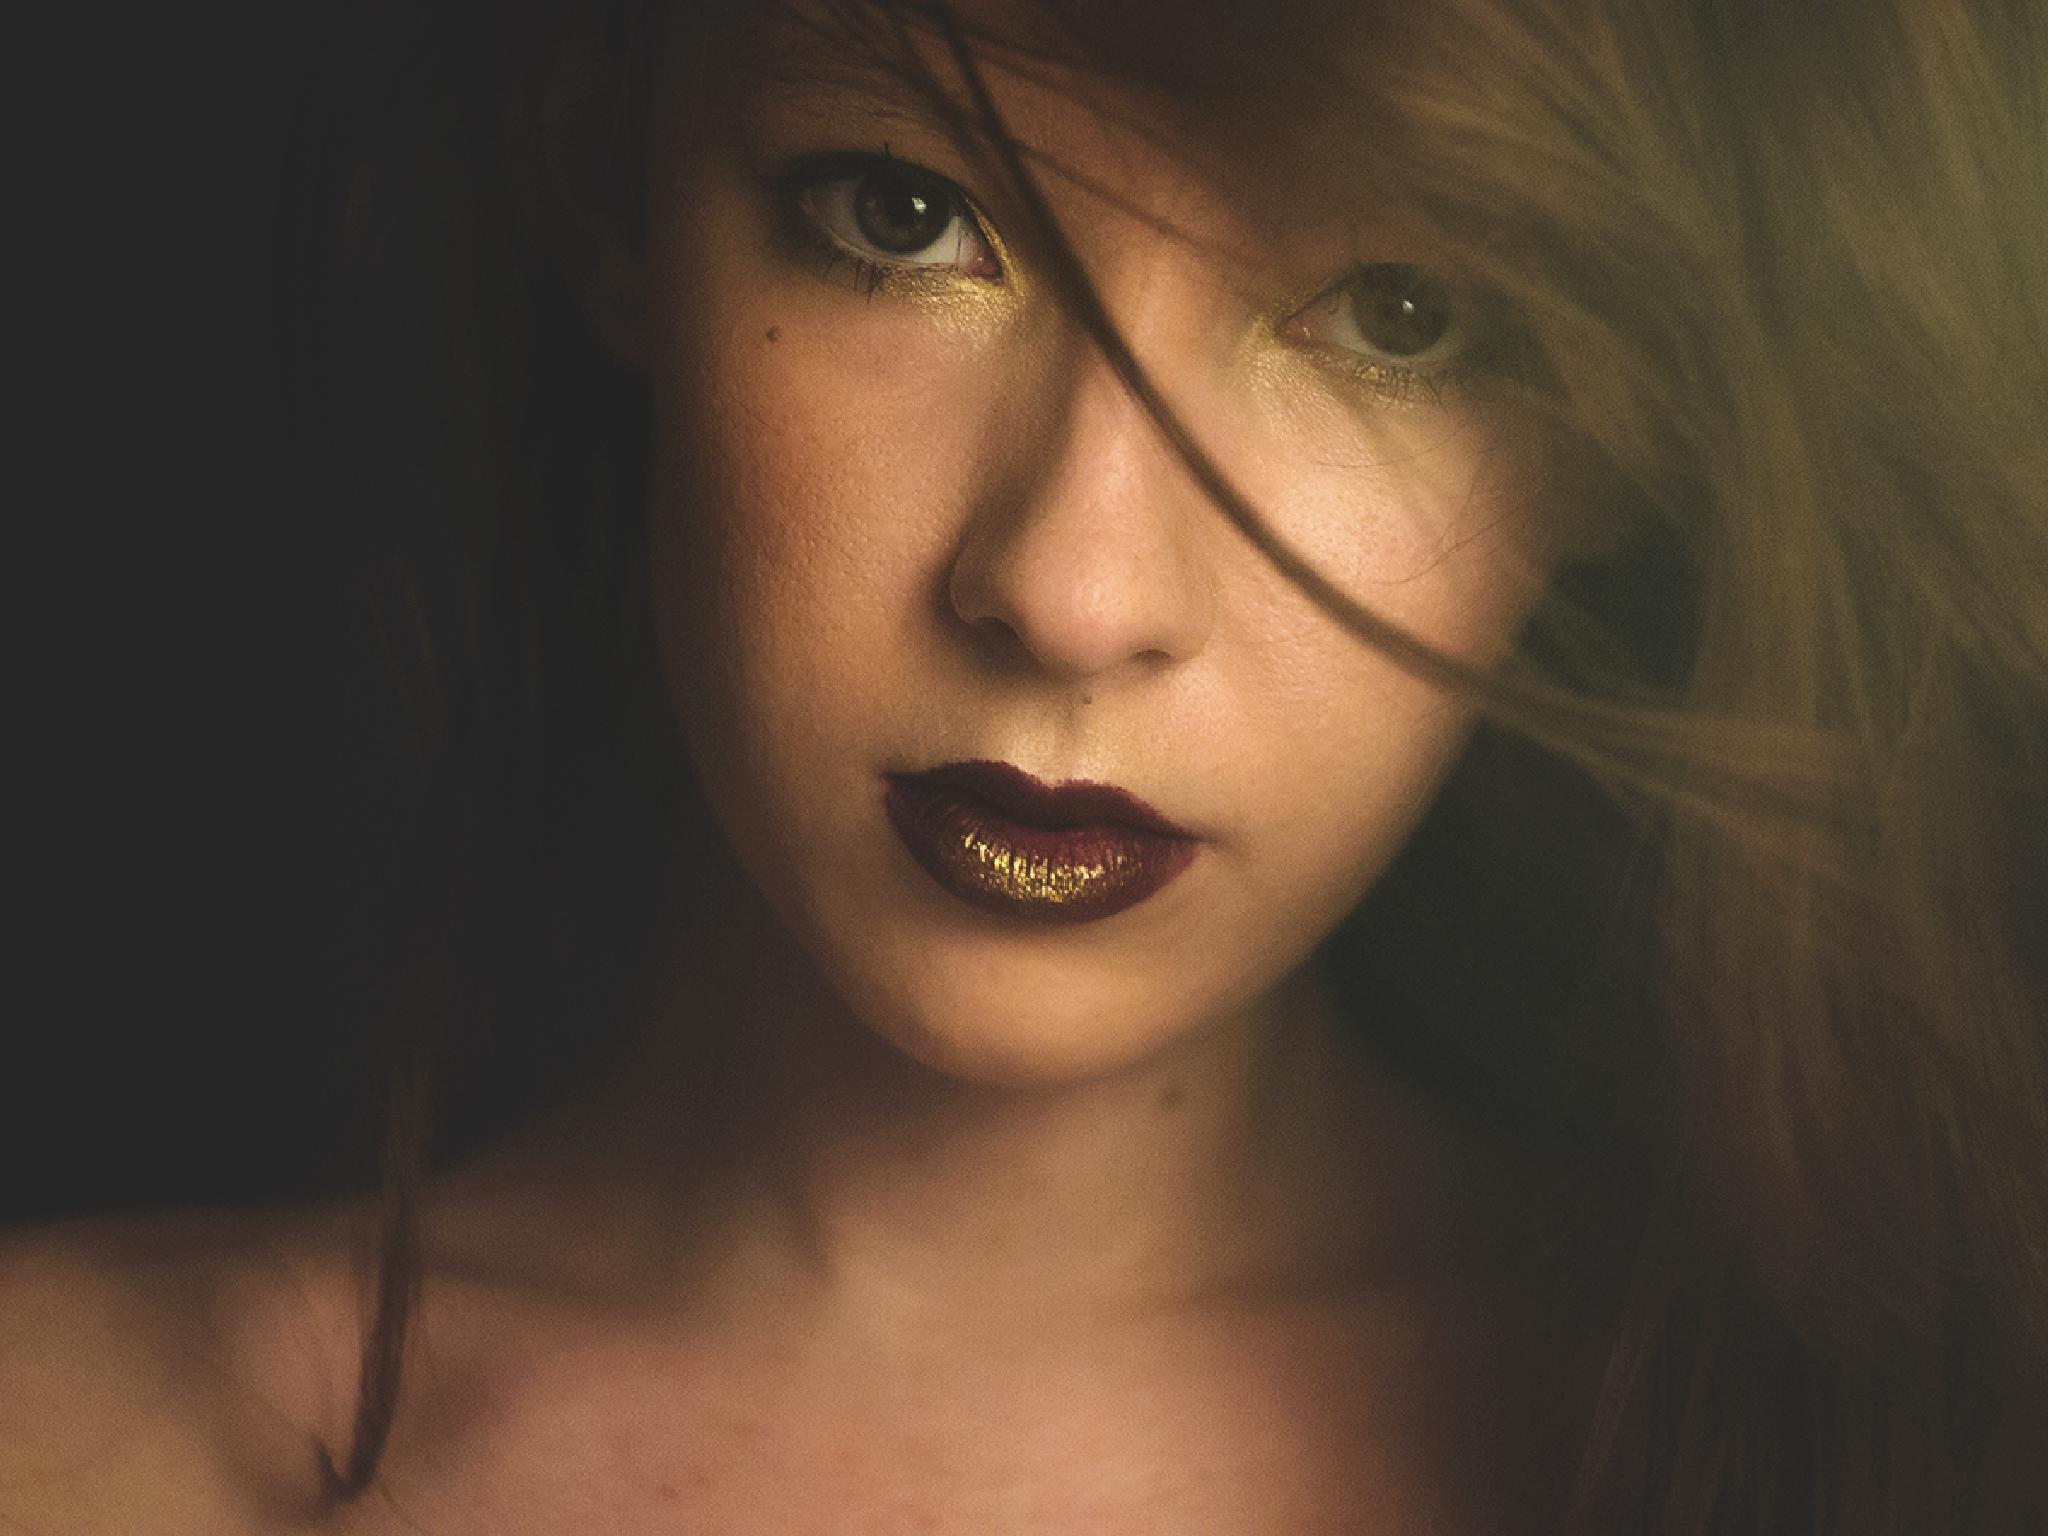 Lit up eyes by Josipa M.